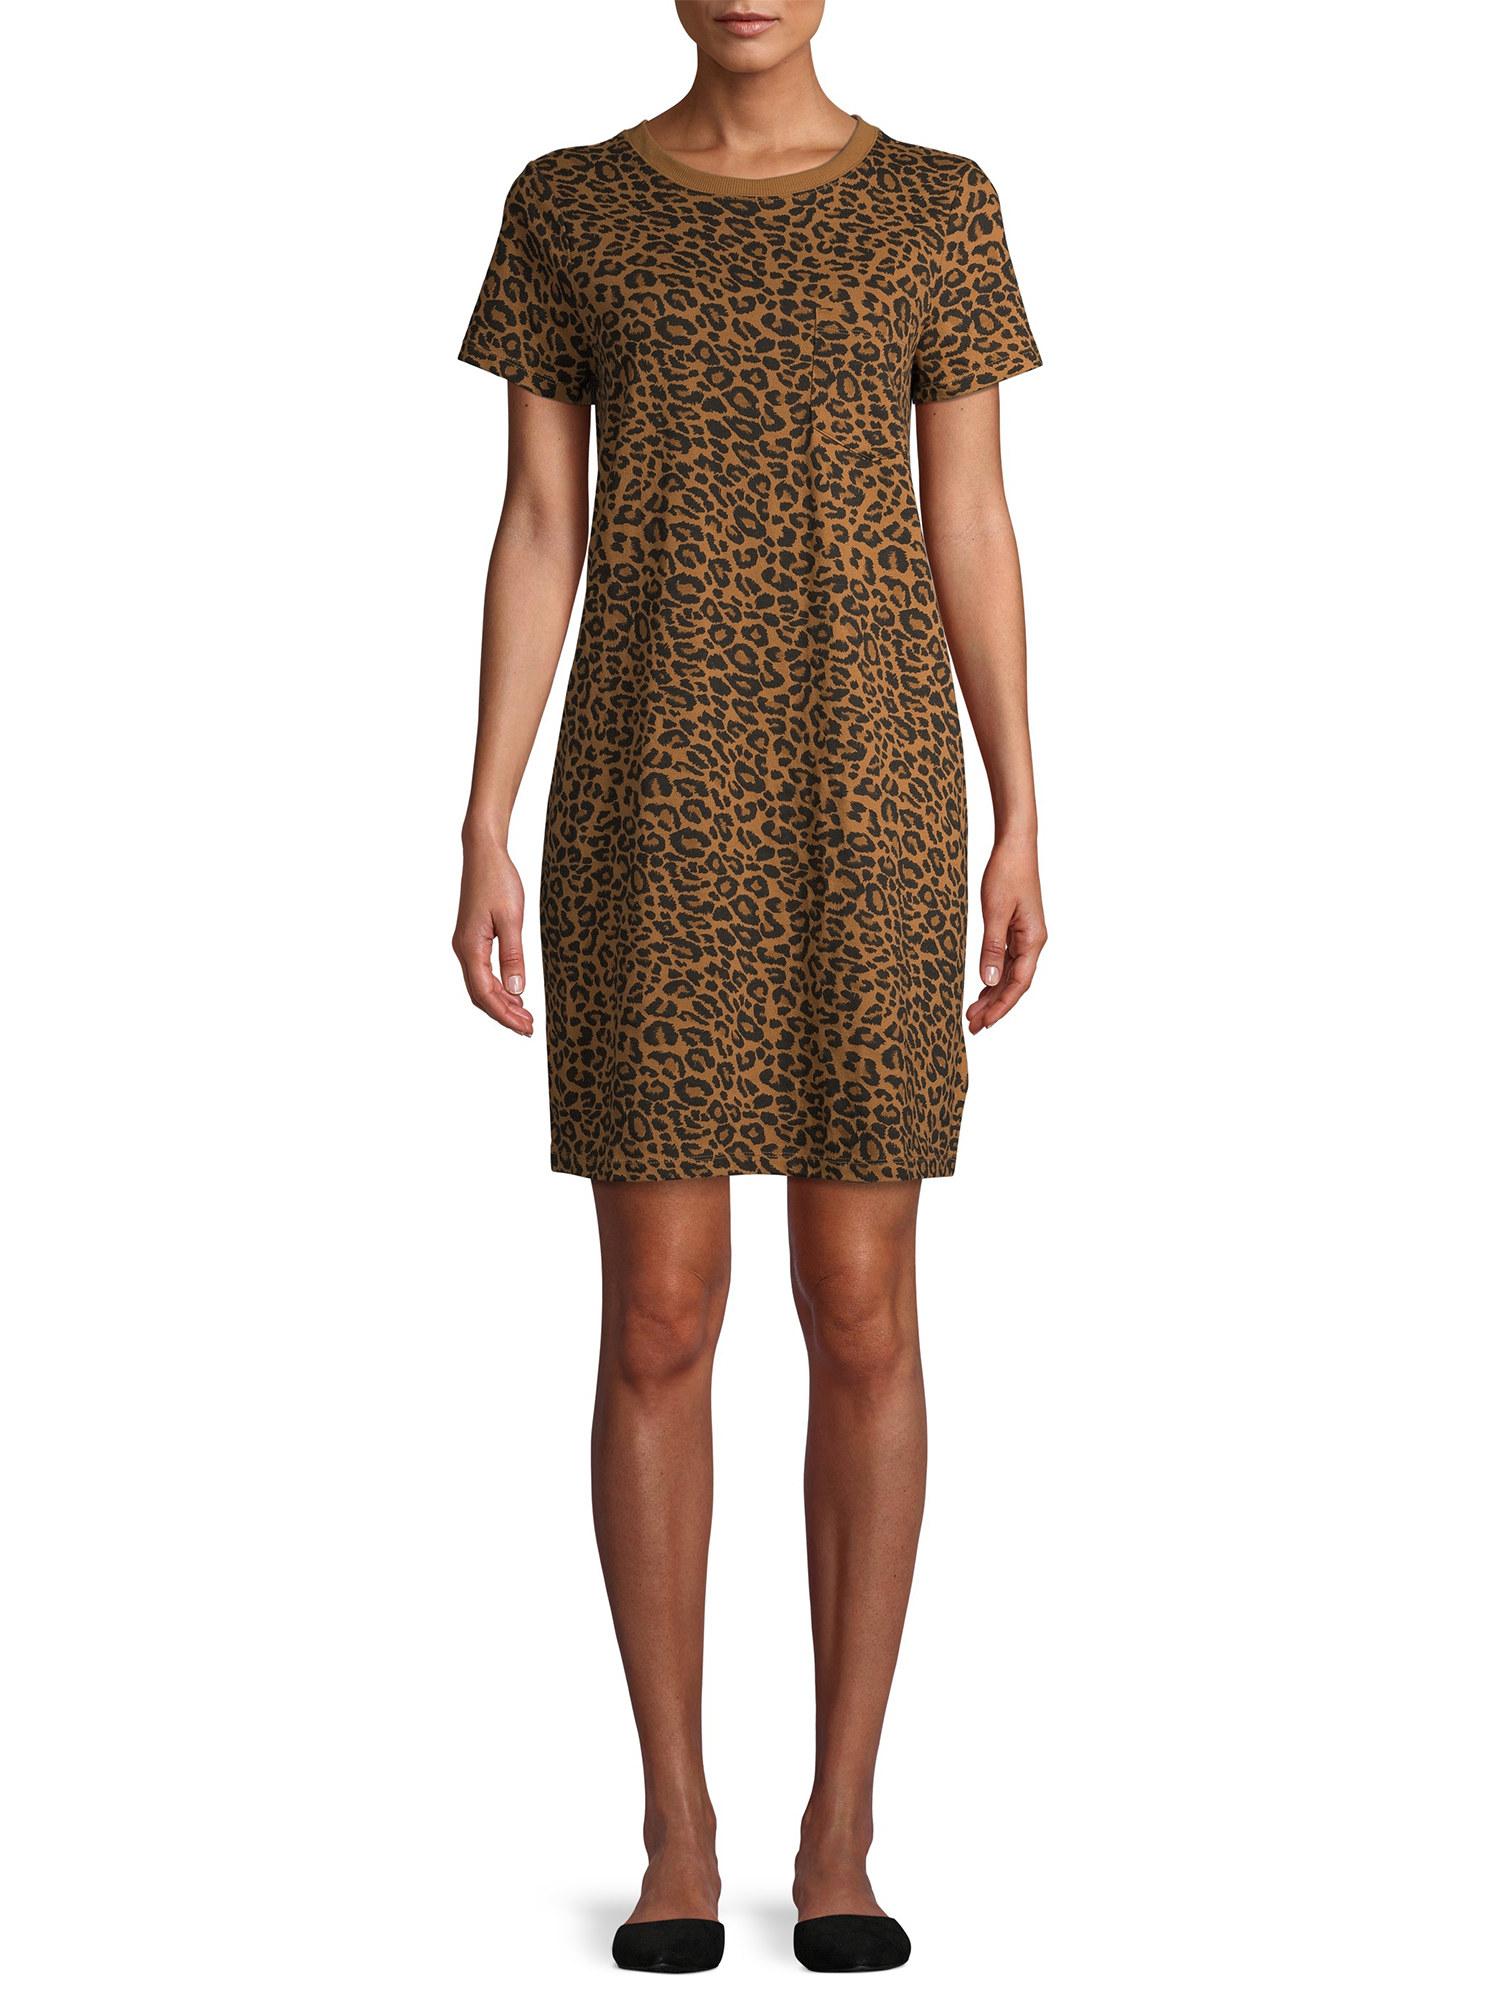 Model in a t-shirt dress in leopard print